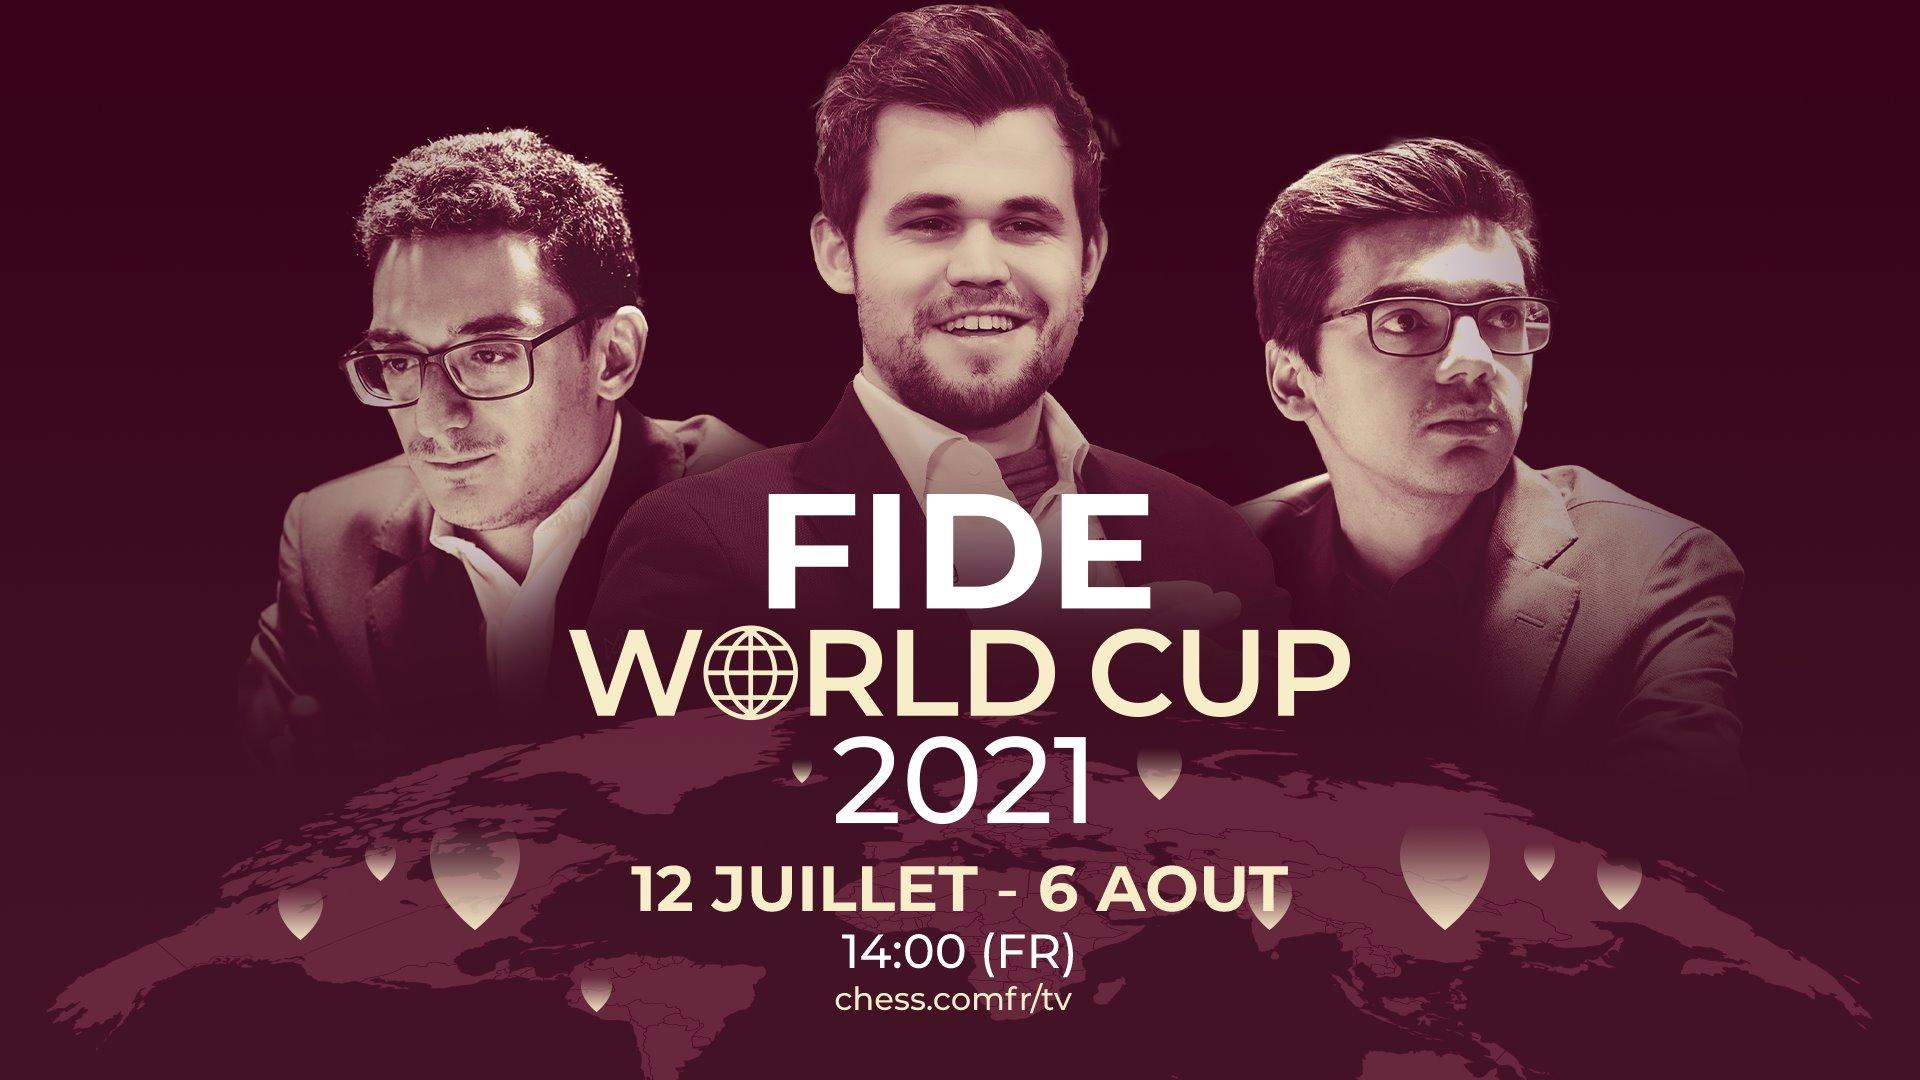 fide_world_kup.jpg